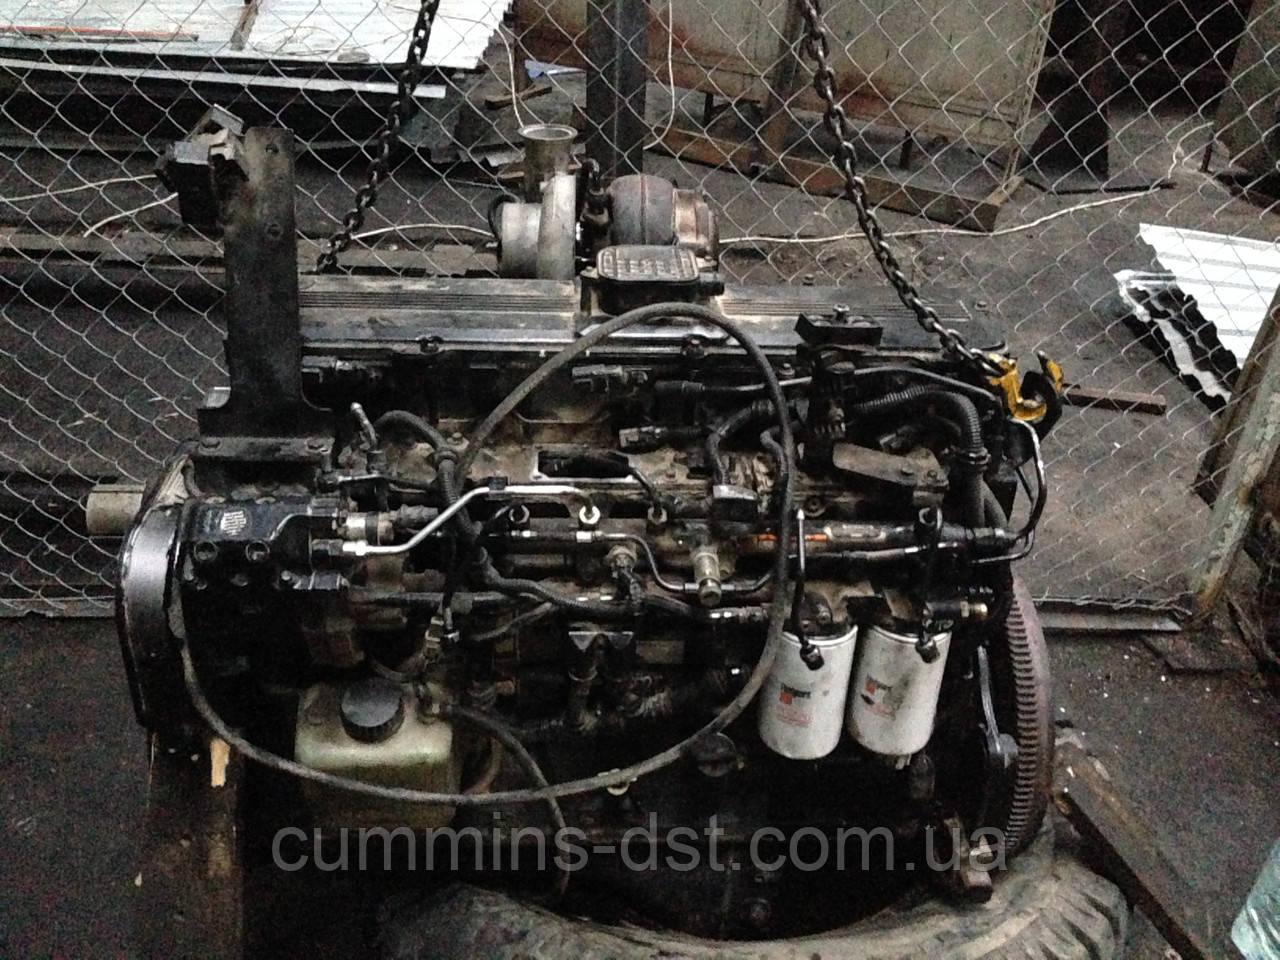 инструкция по ремонту топливных аппаратур двигателя зетор